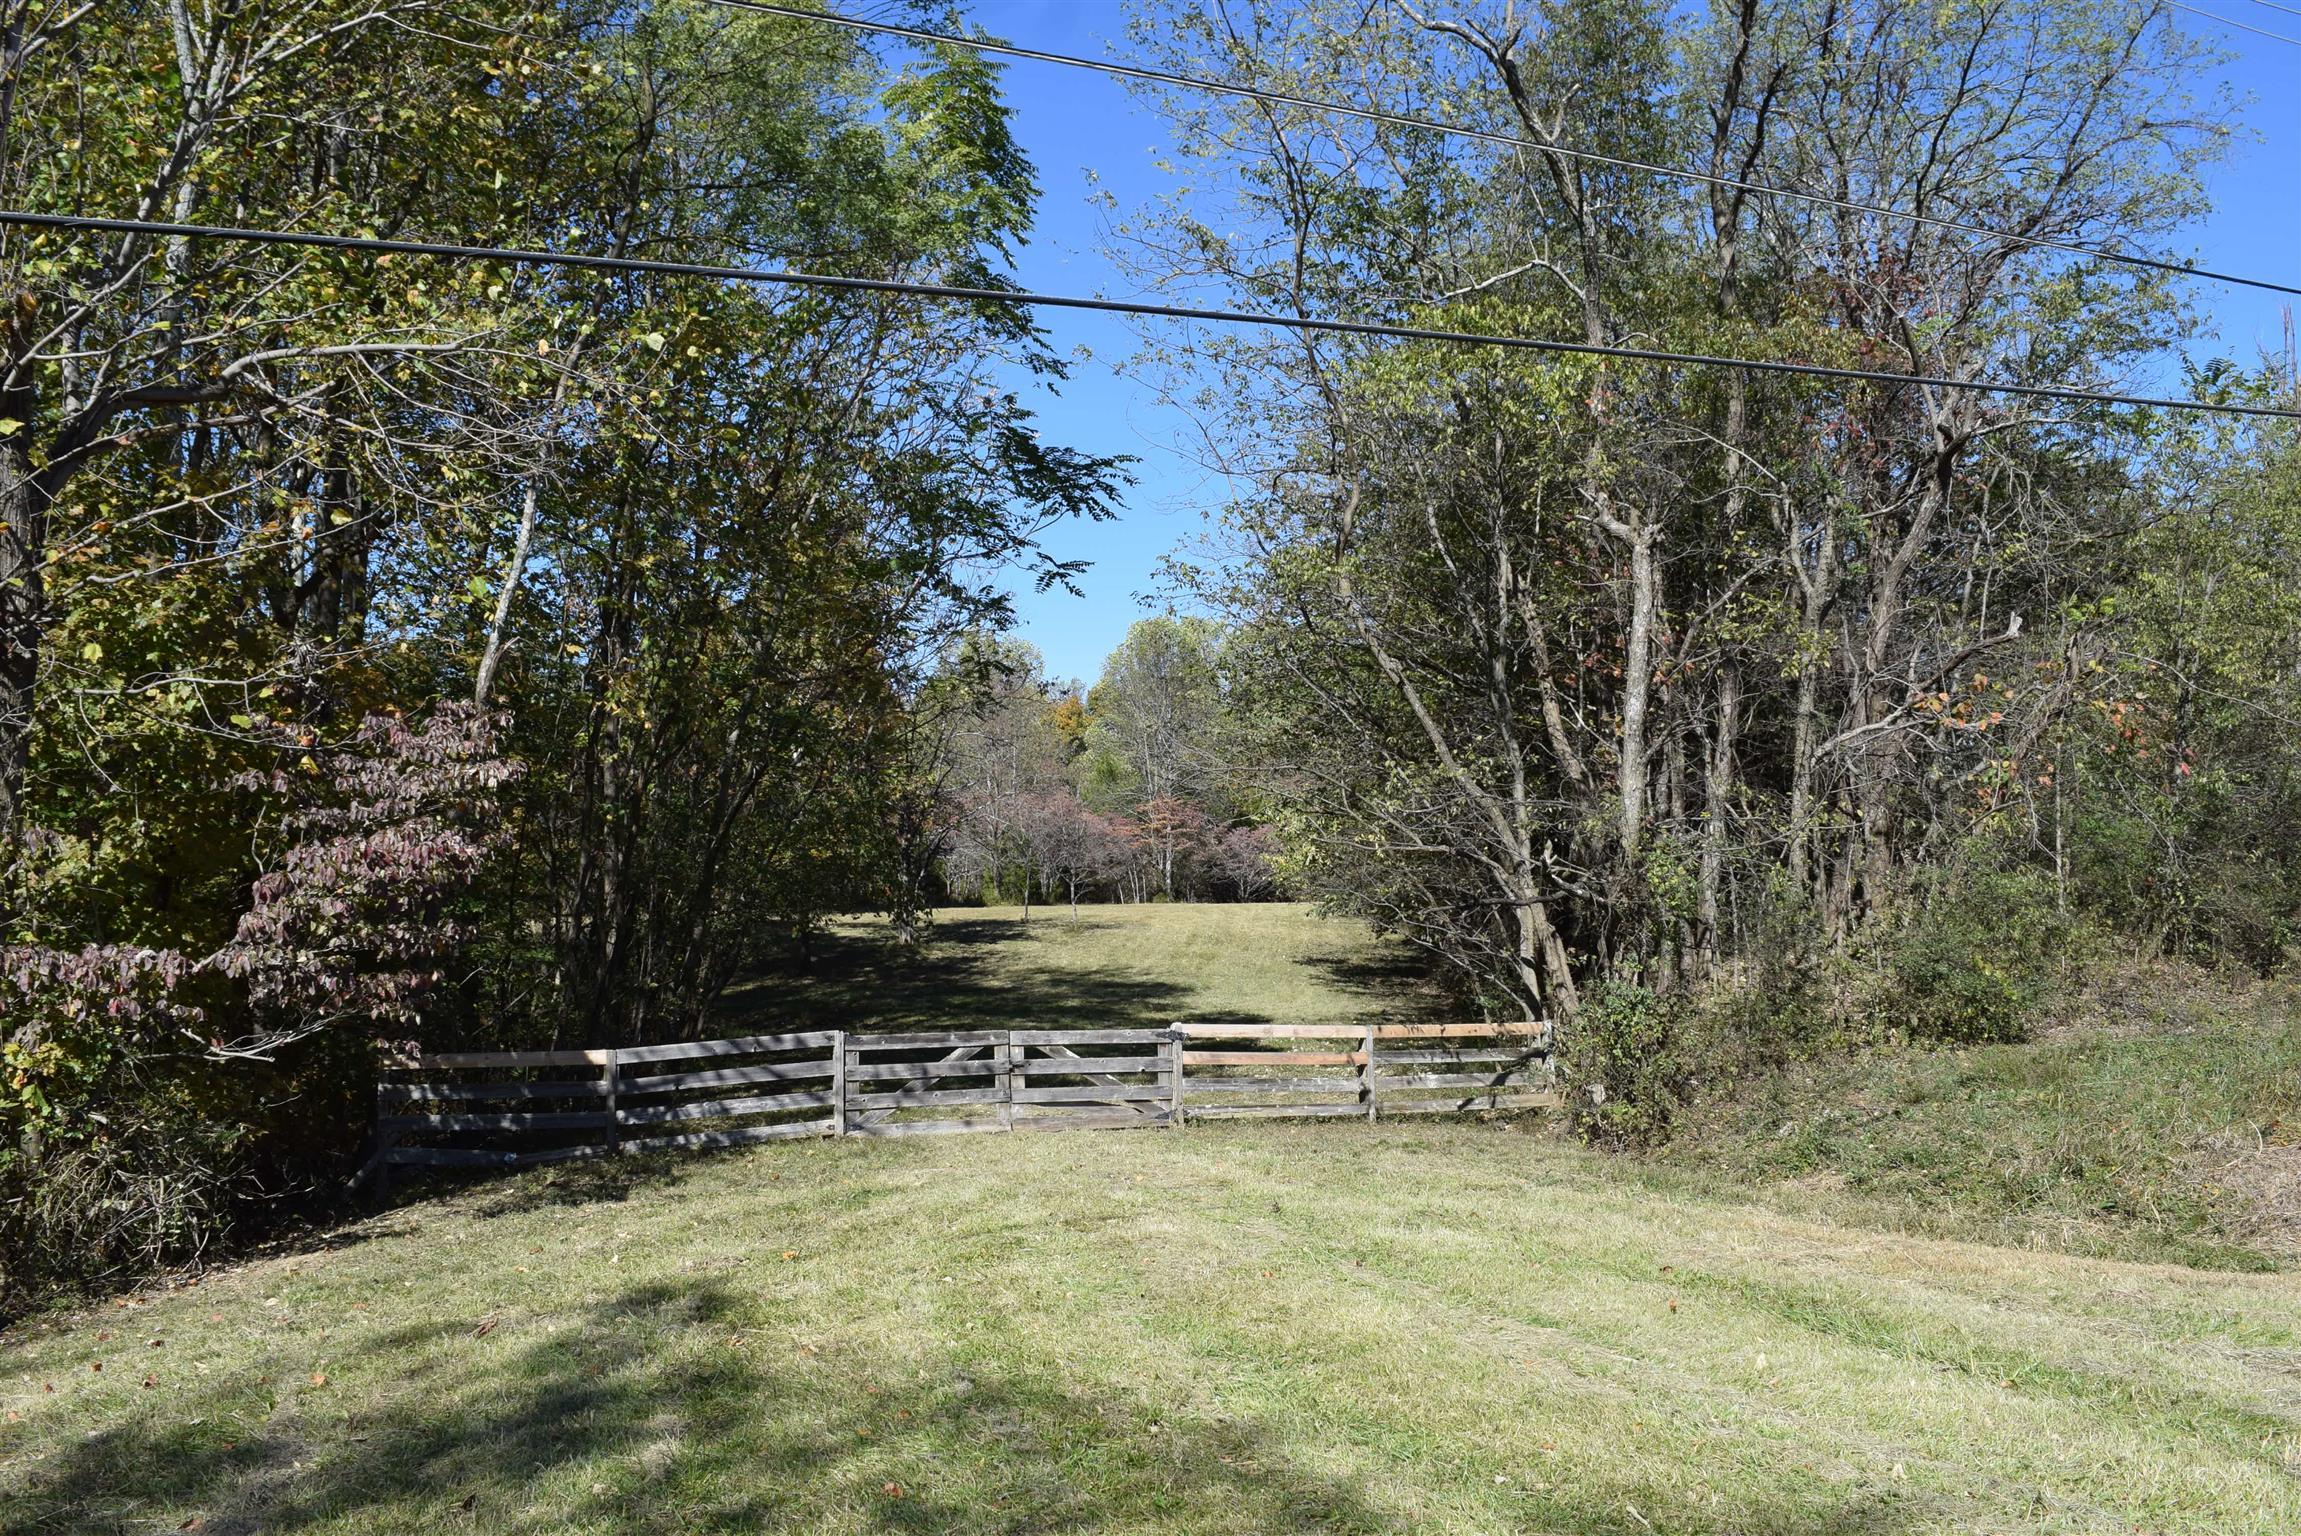 0 Bethel Rd, Goodlettsville, TN 37072 - Goodlettsville, TN real estate listing